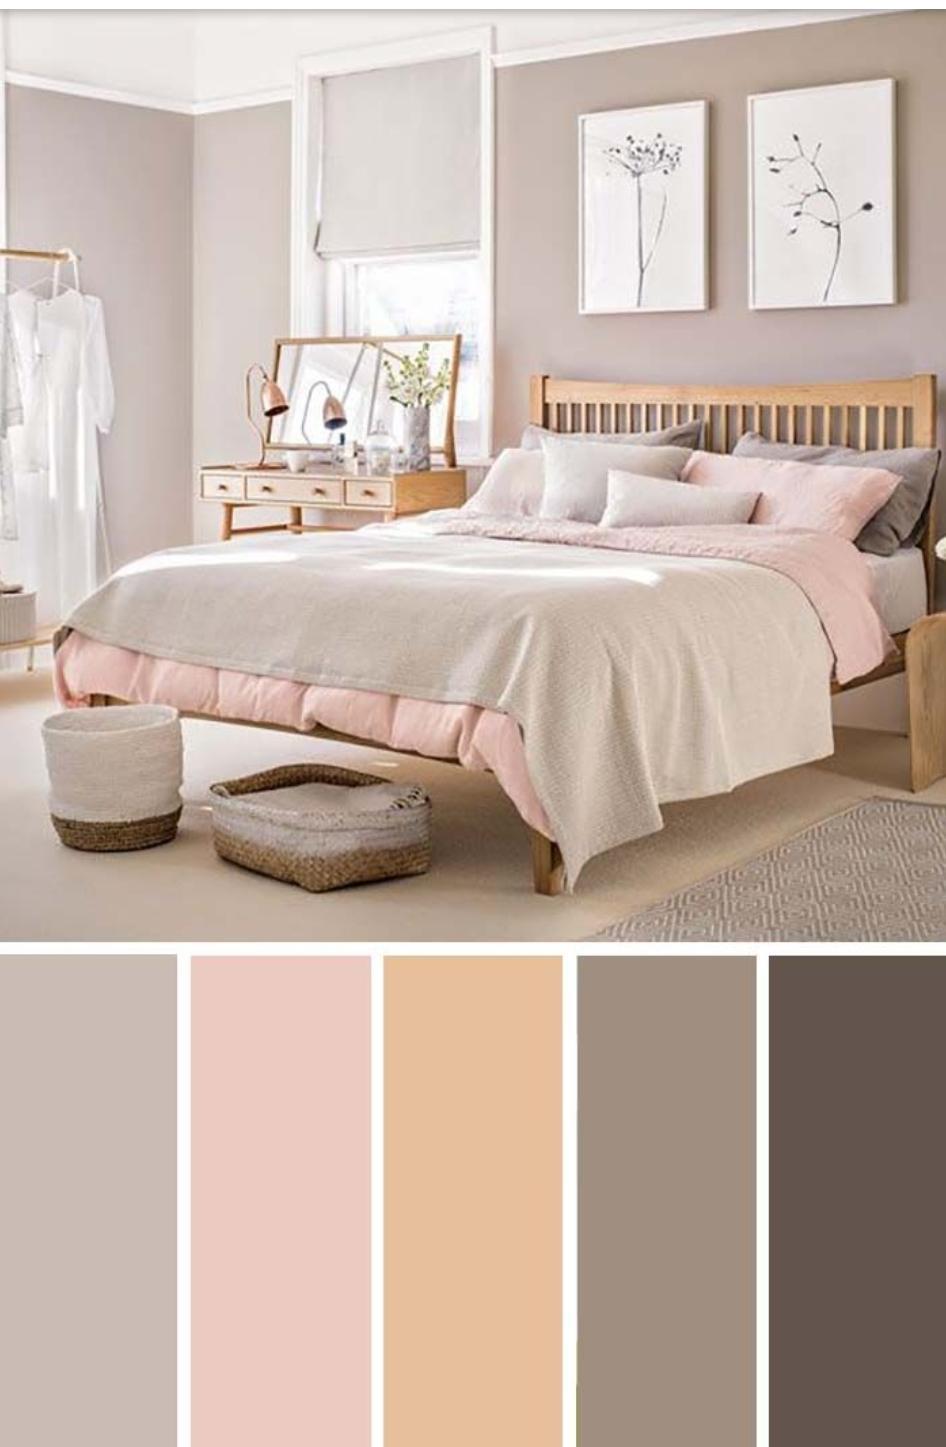 Barevné kombinace nejen do ložnice. - Obrázek č. 15